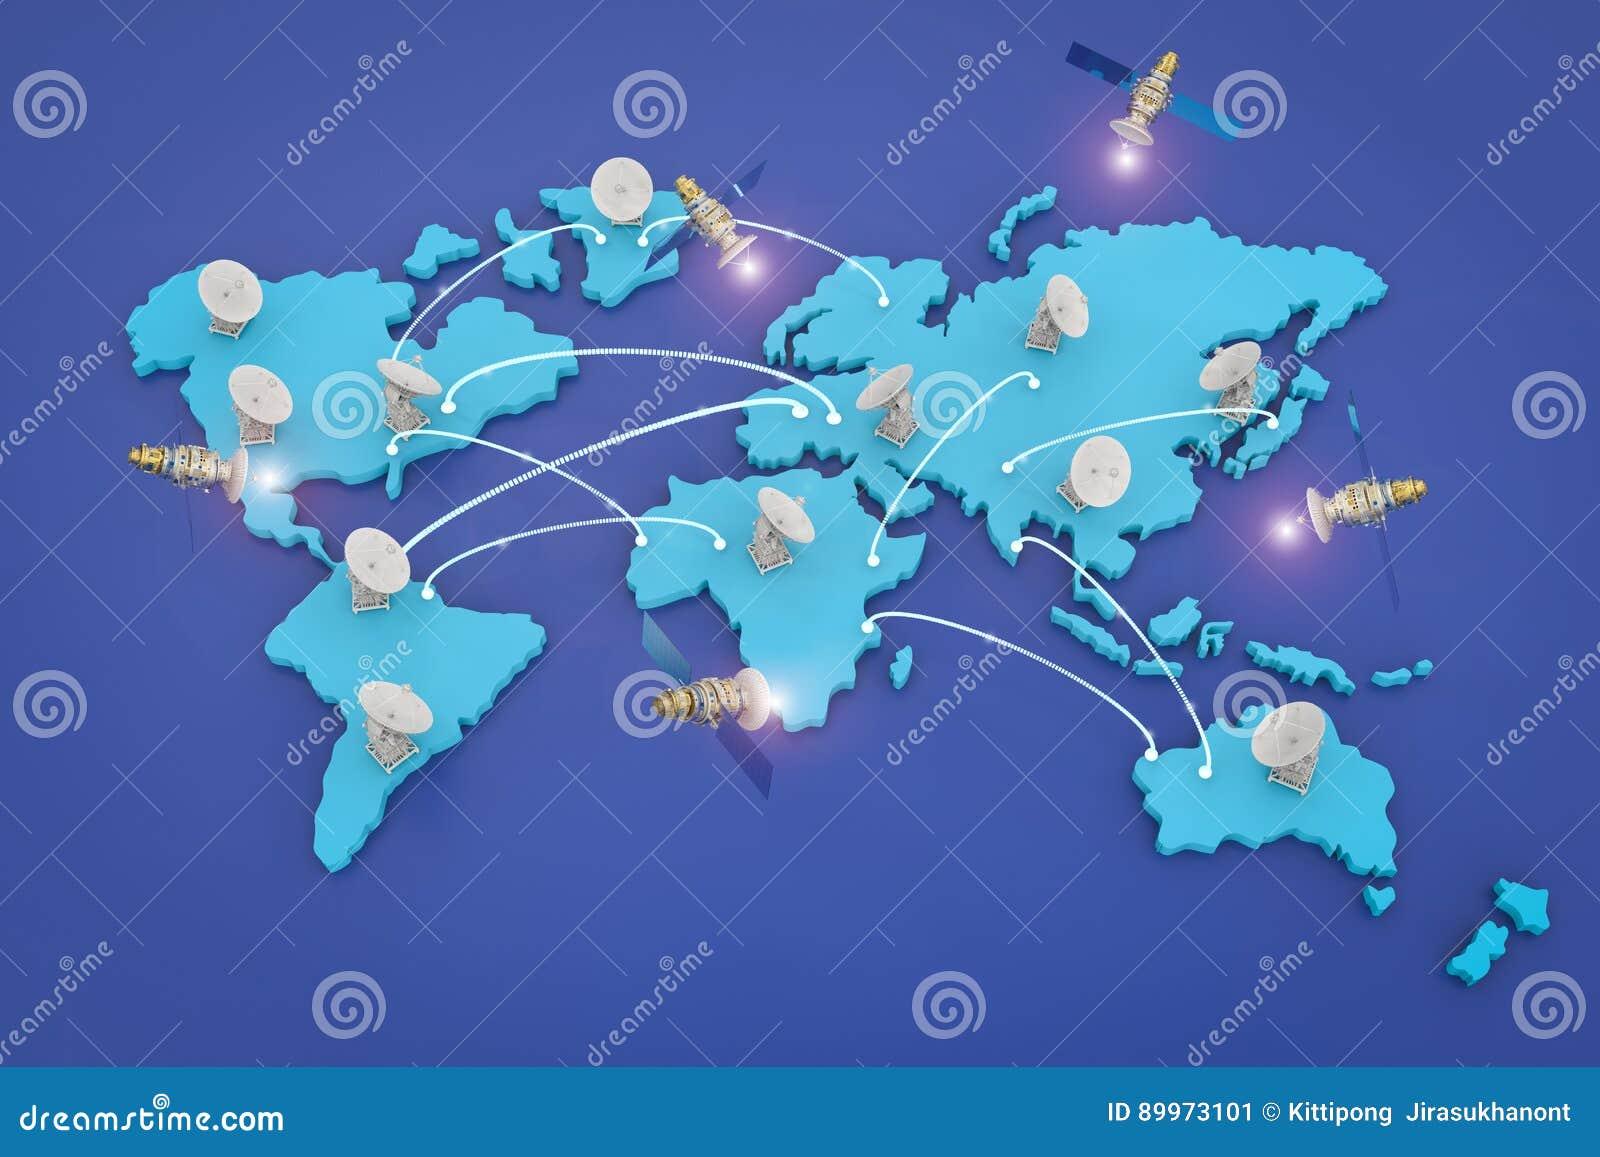 Riflettori parabolici per la comunicazione globale